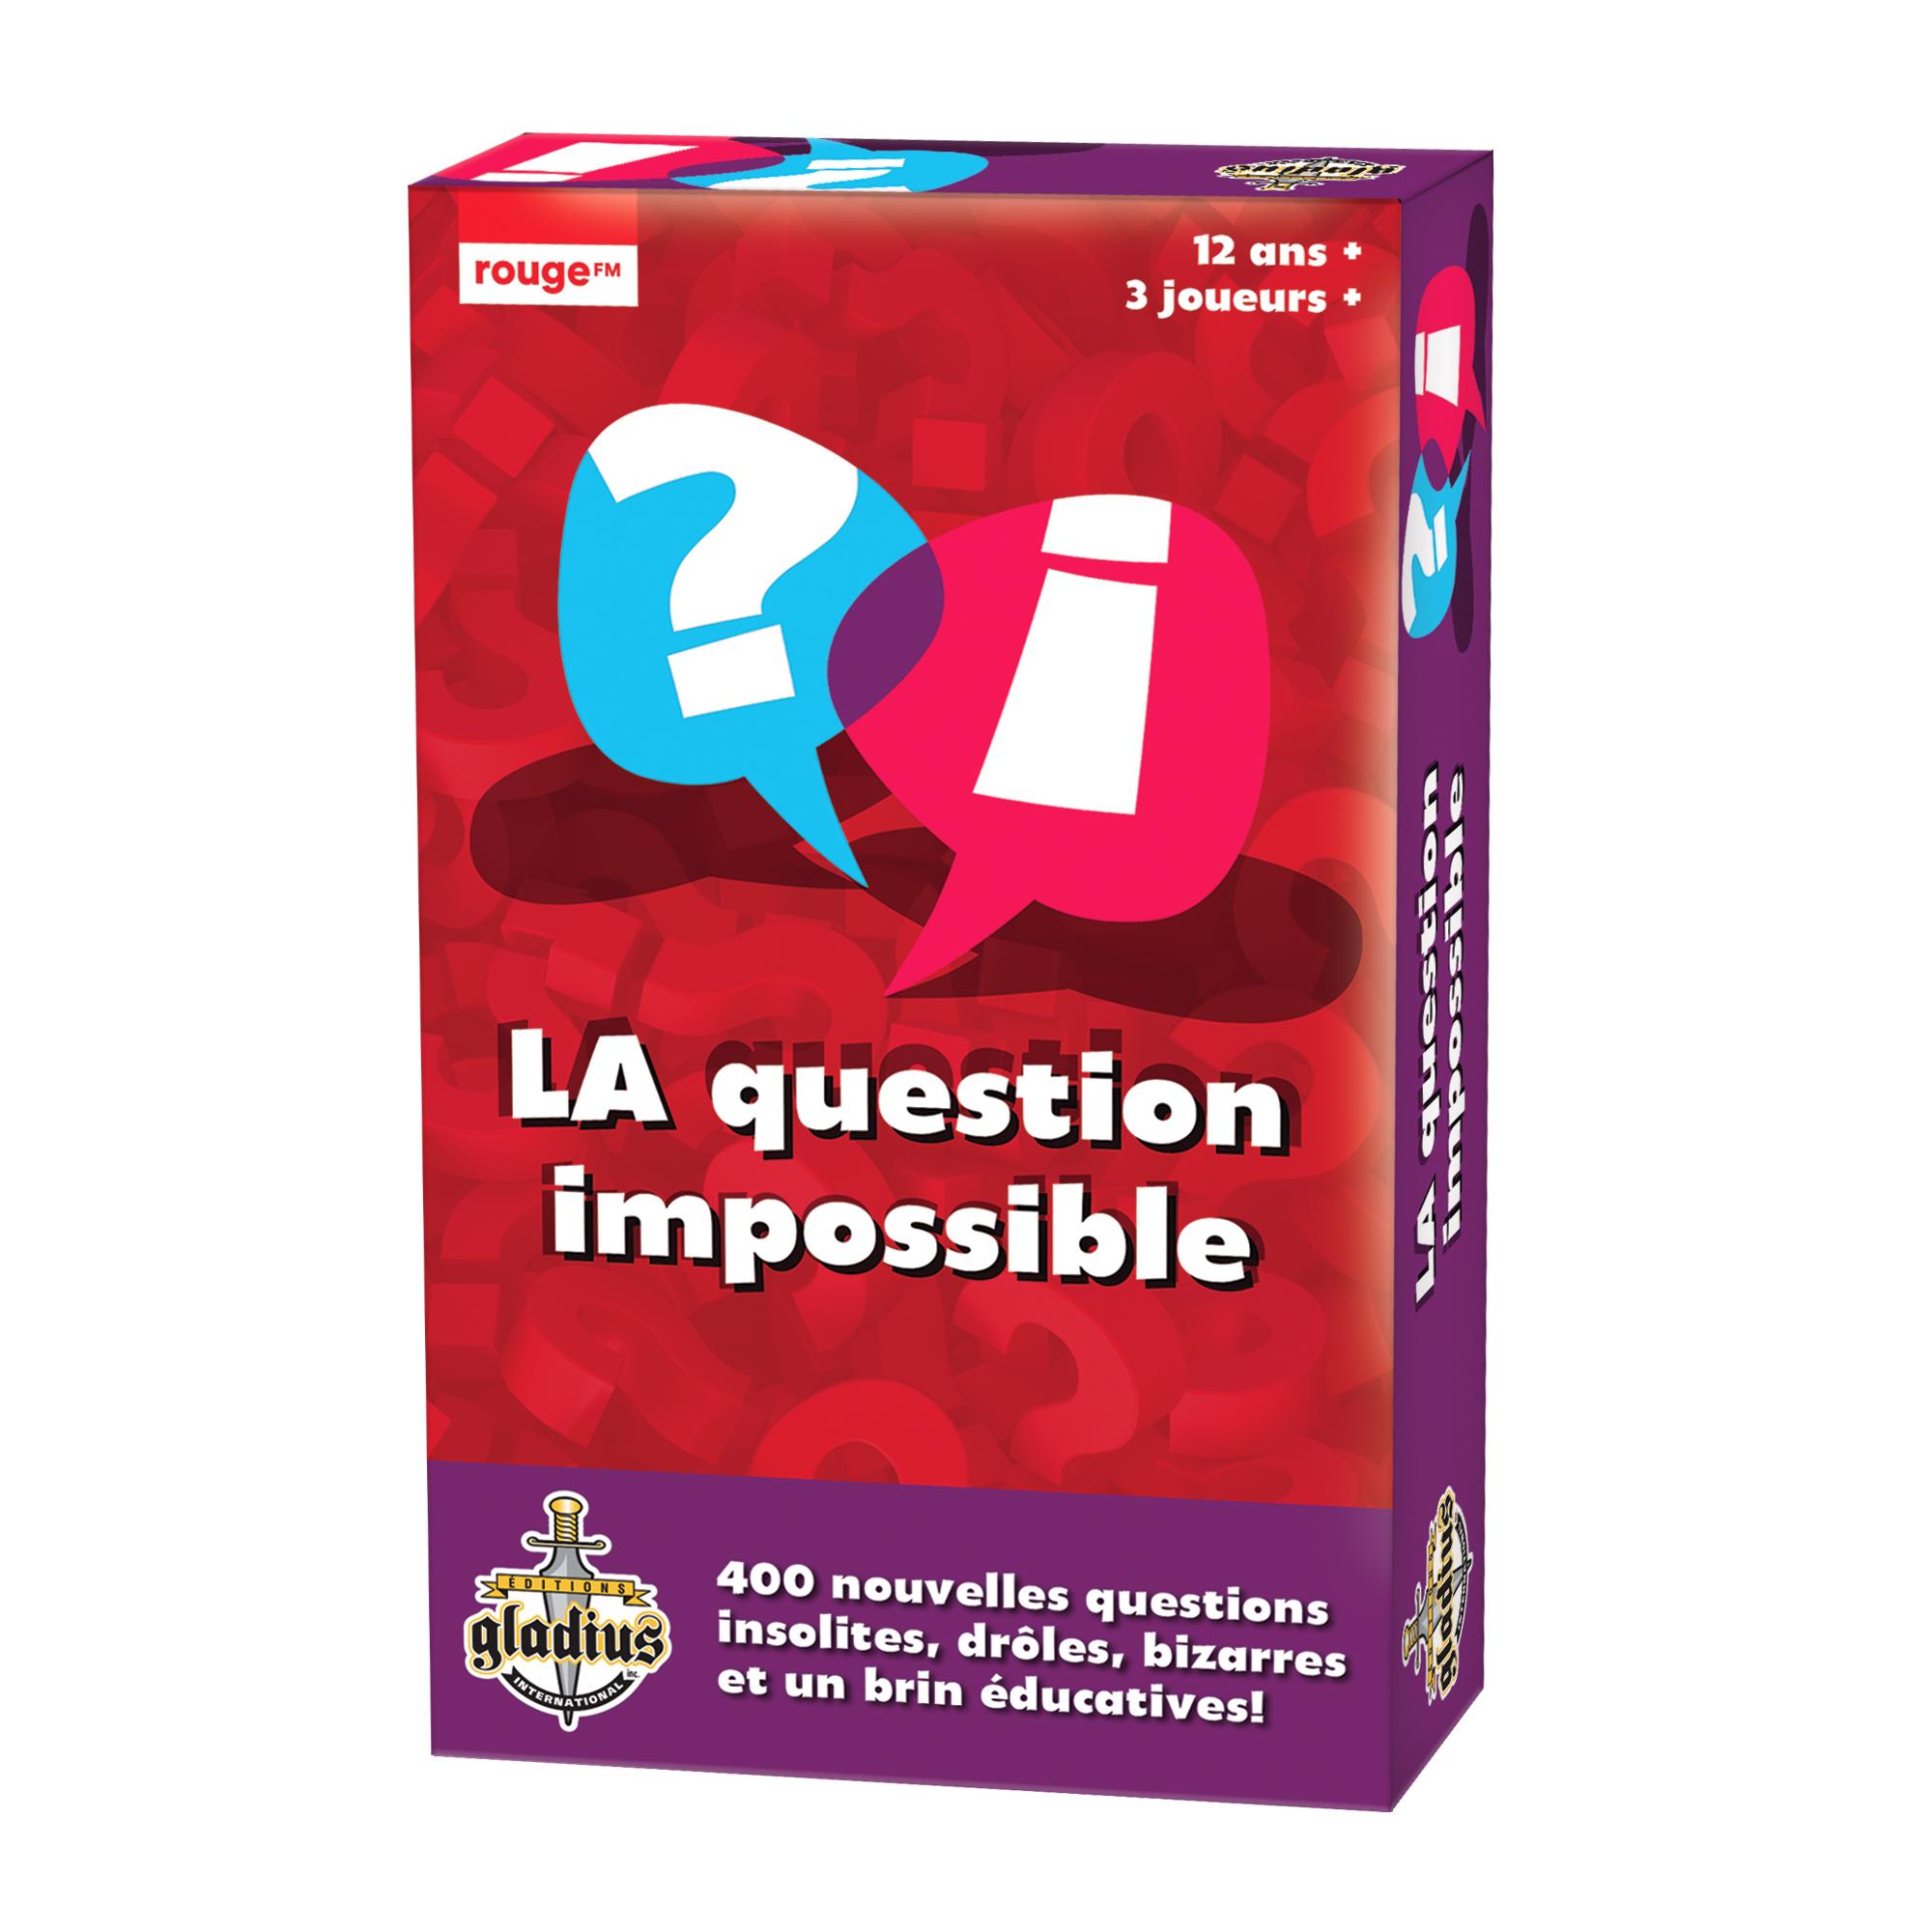 La question impossible 2